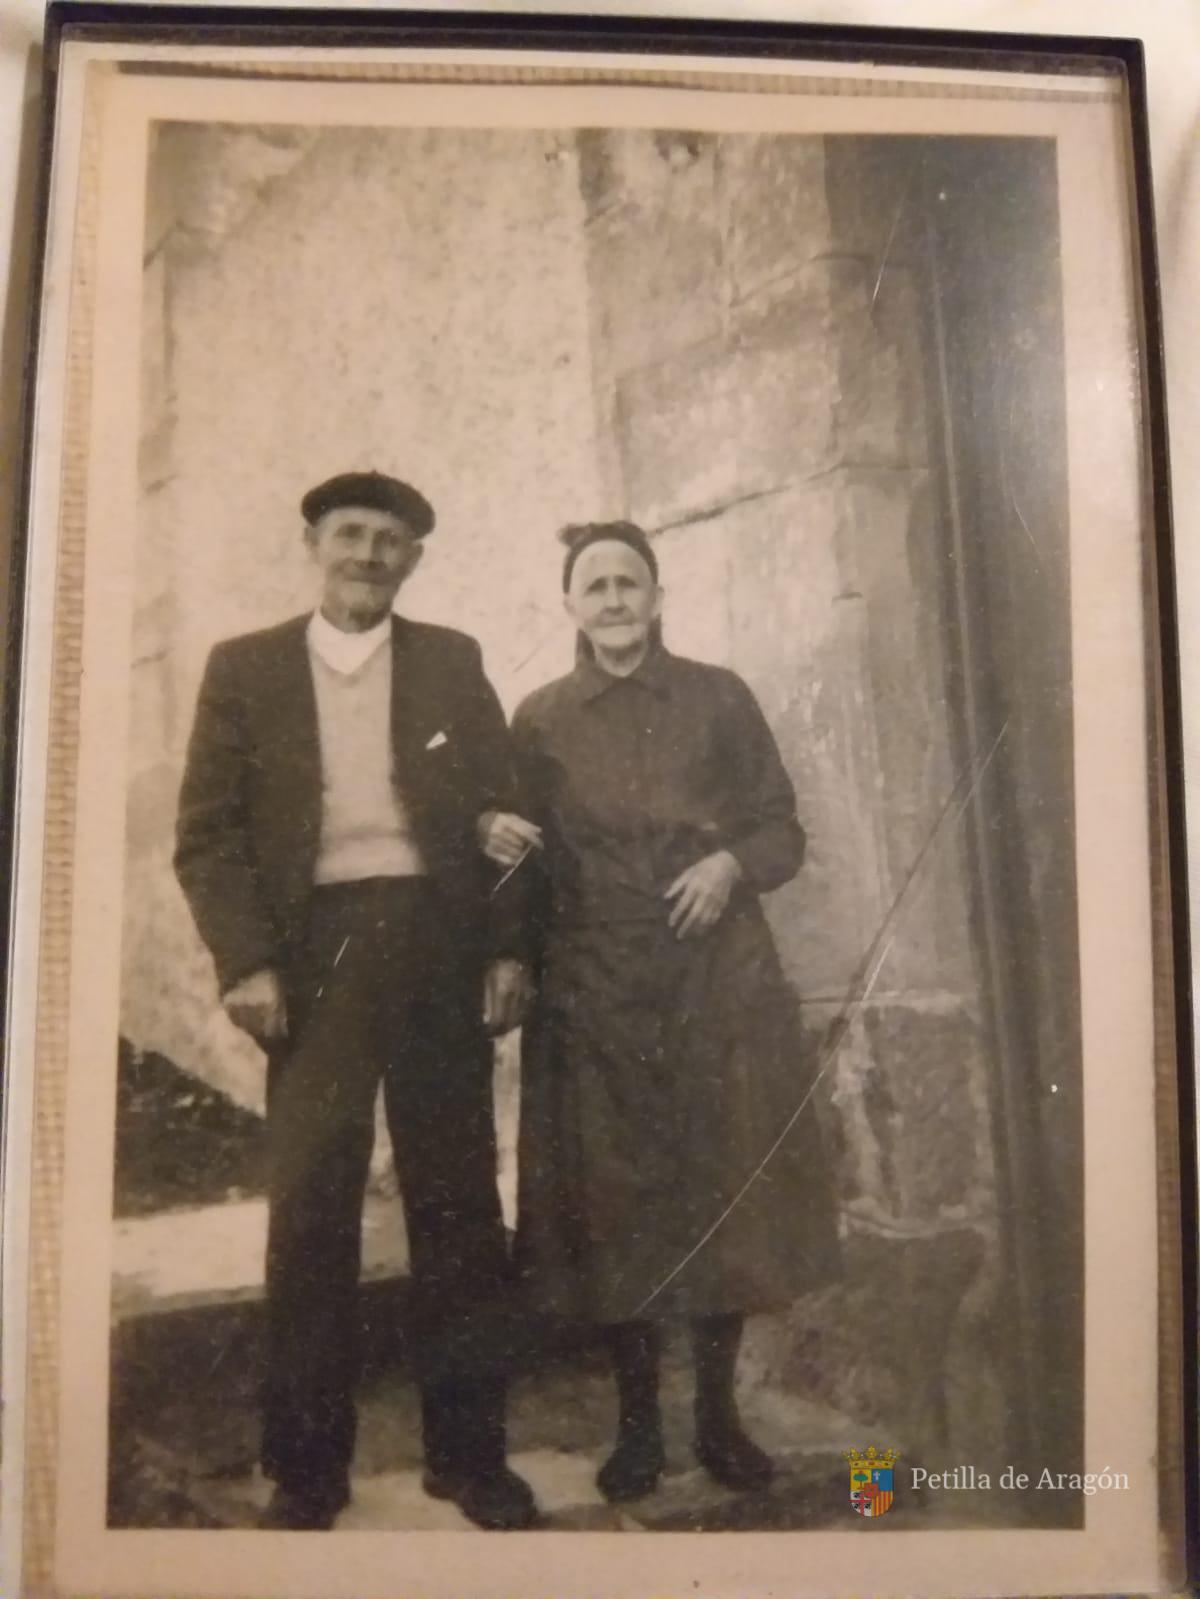 Historia de Petilla